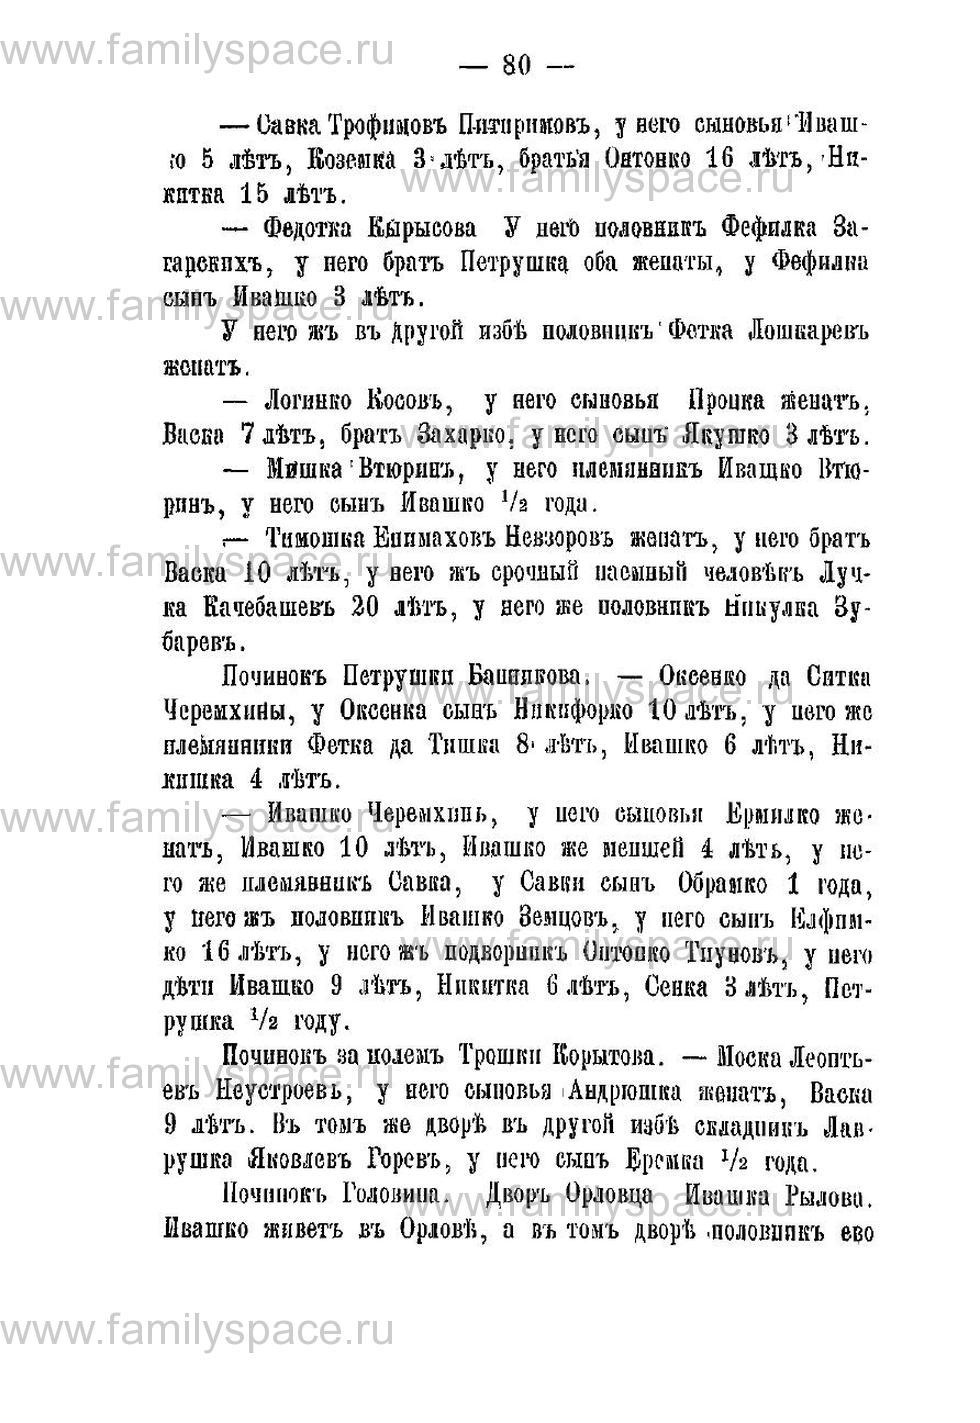 Поиск по фамилии - Переписная книга Орлова и волостей 1678 г, страница 76